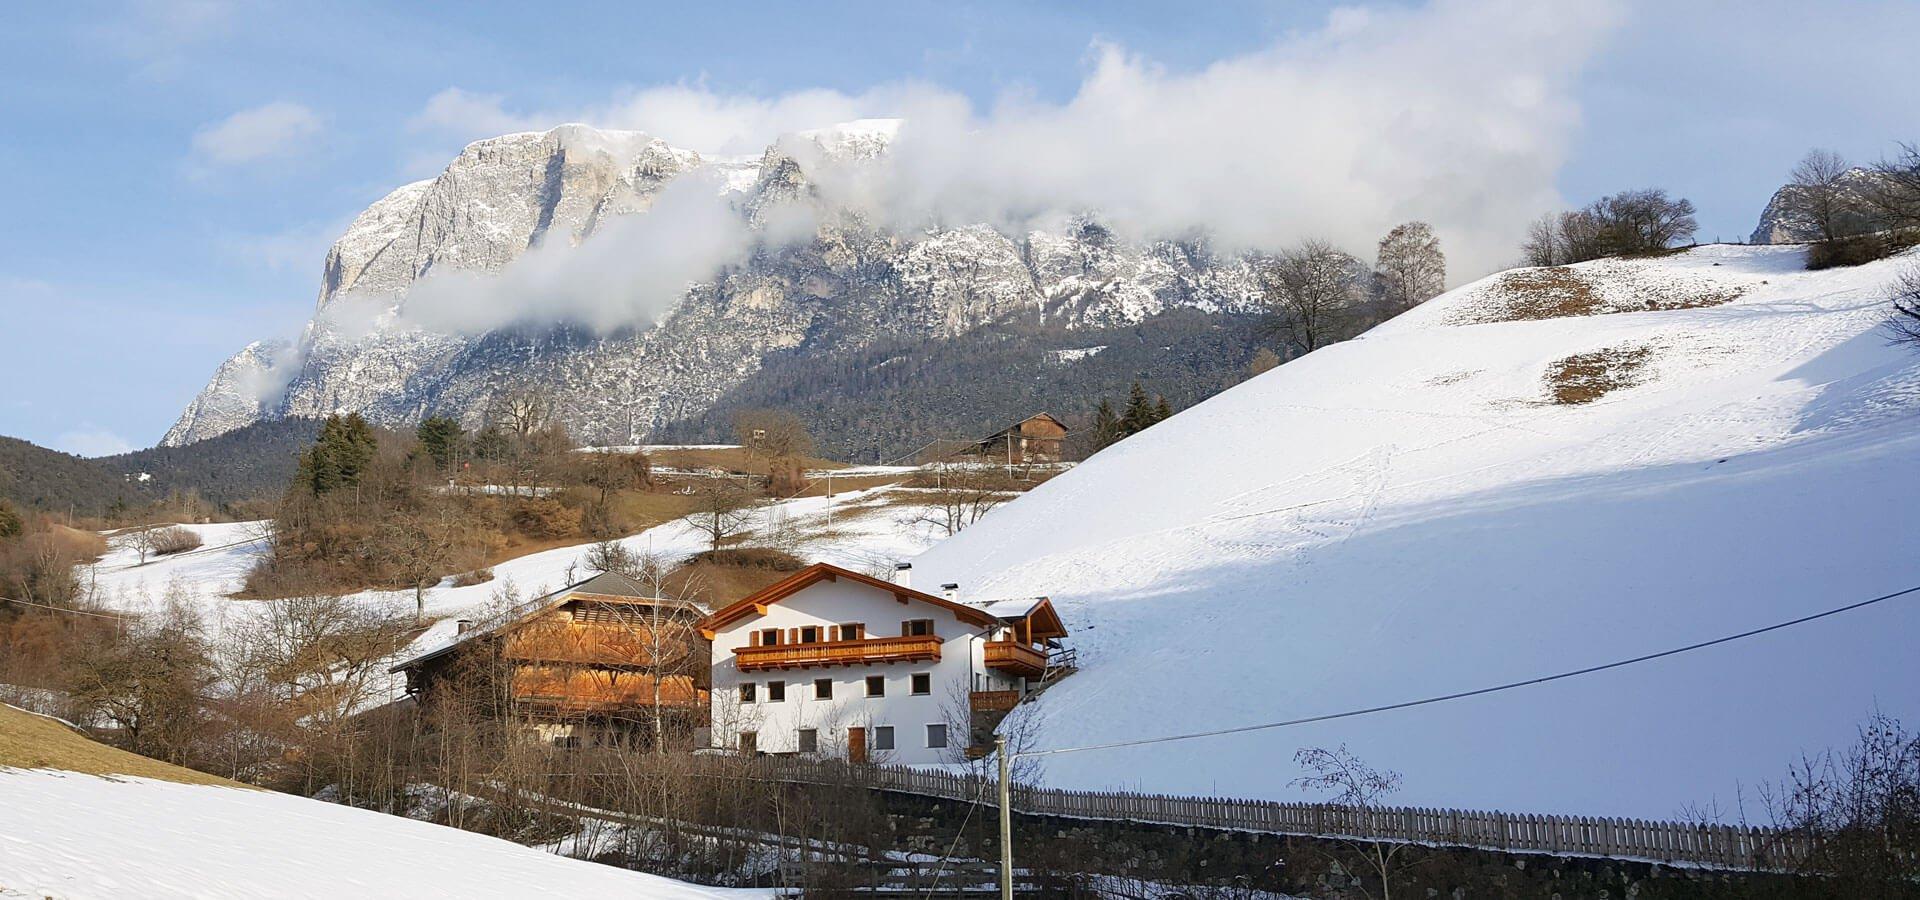 winterurlaub-auf-dem-bauernhof